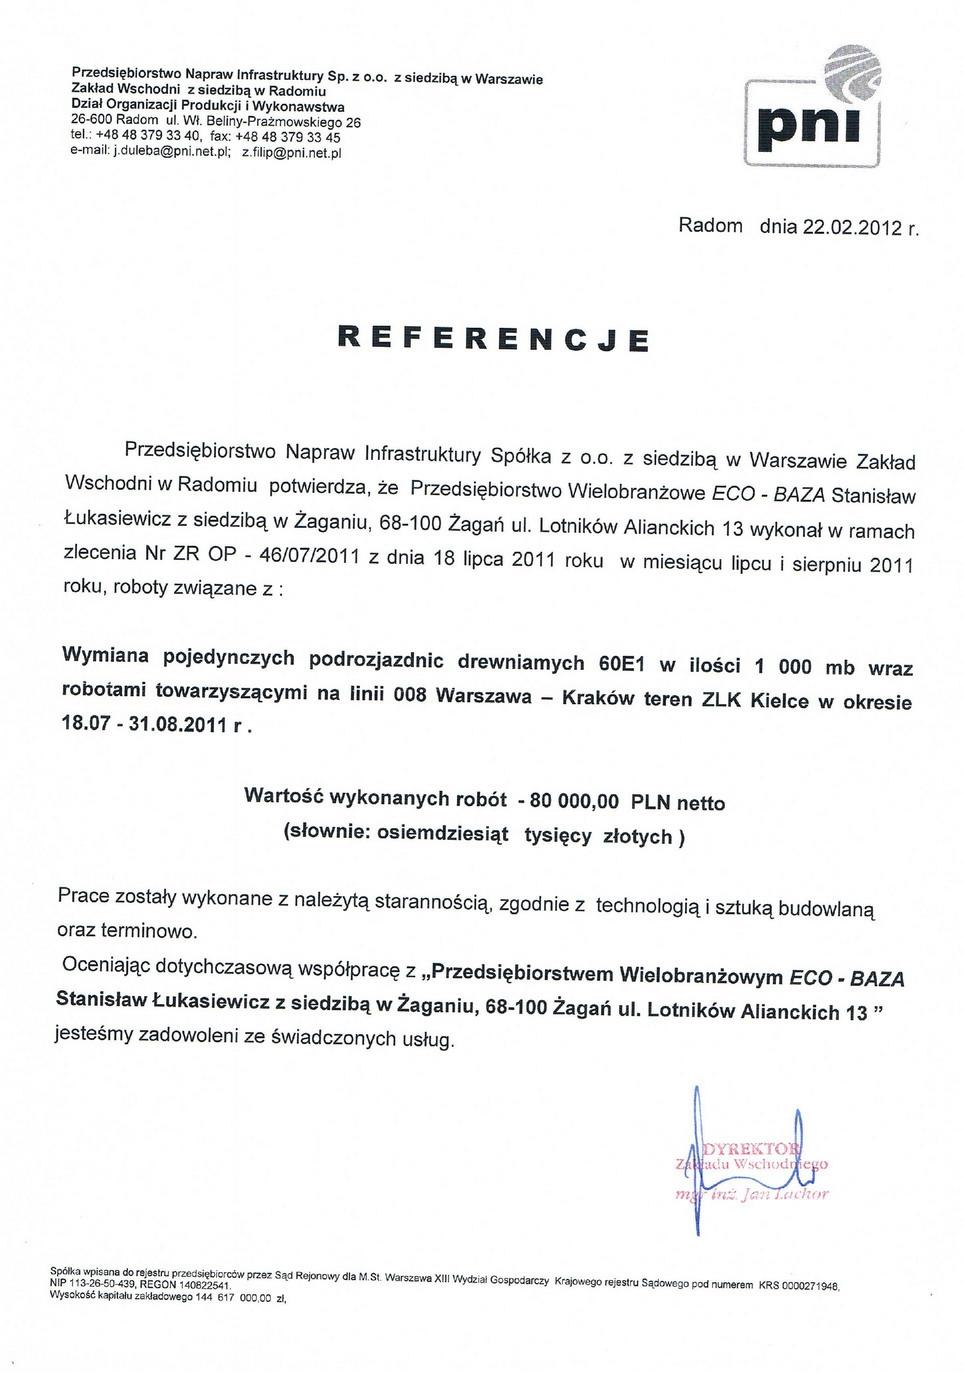 referencje_ecobaza_012